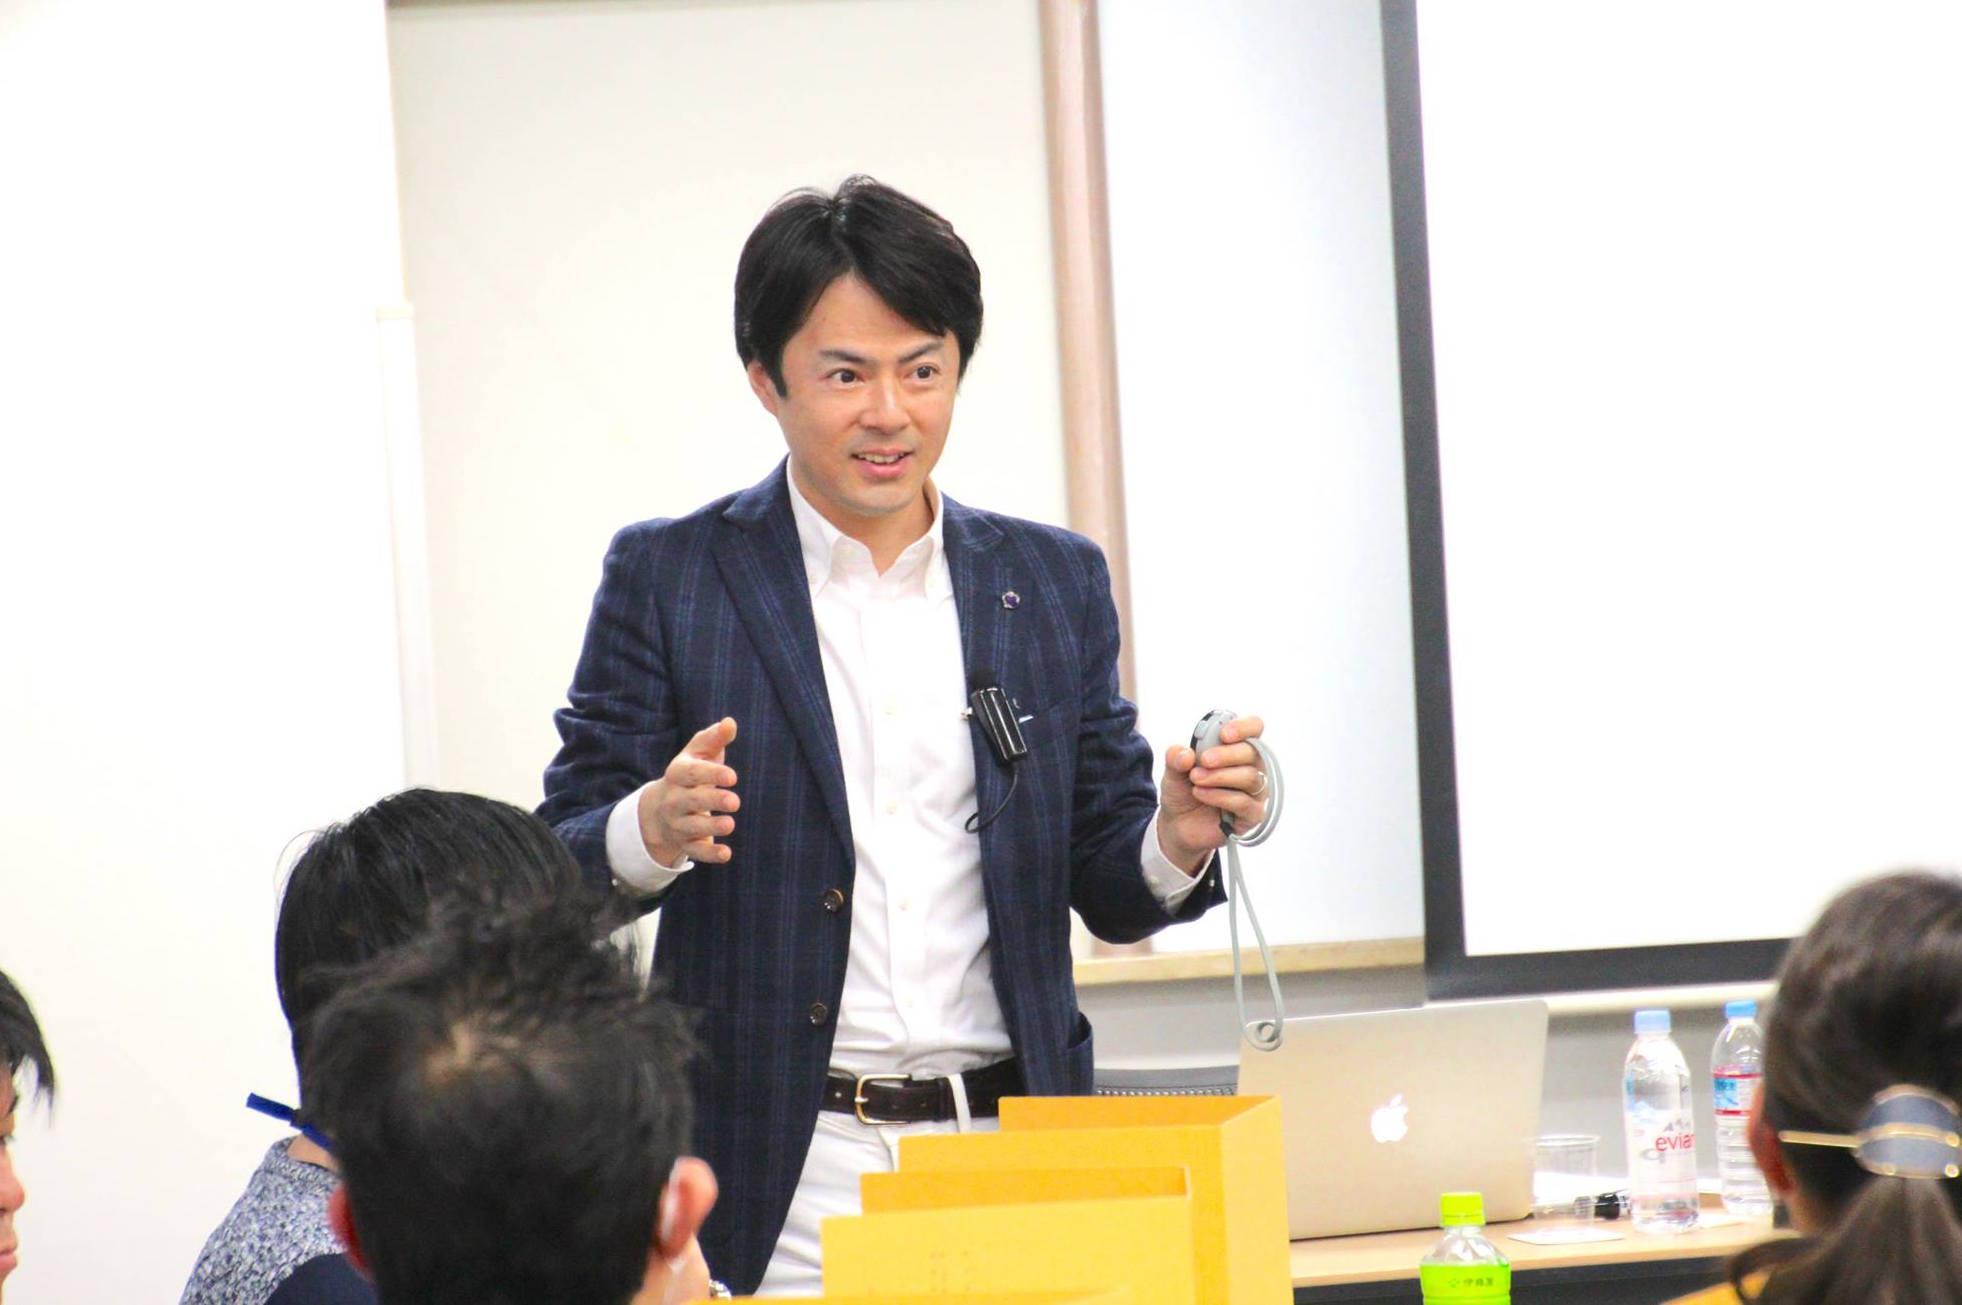 佐藤政樹の営業力向上研修